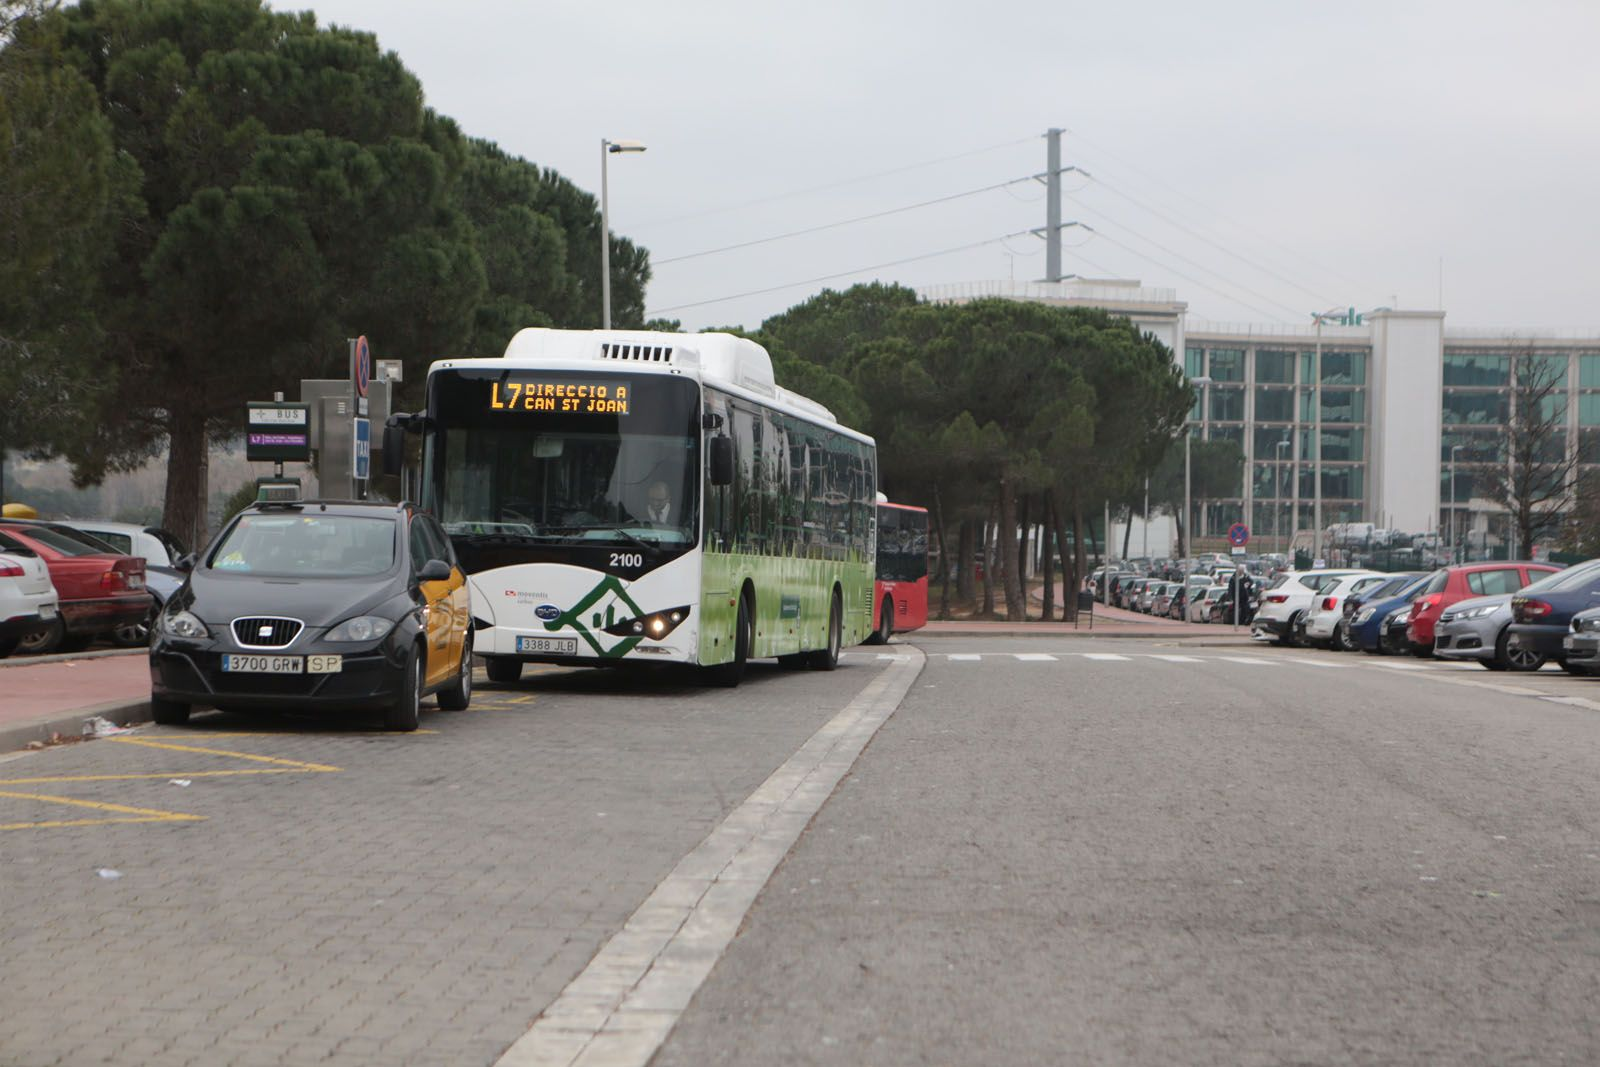 Un autobús a l'estació de Ferrocarrils de la Generalitat de Can Sant Joan FOTO: Artur Ribera